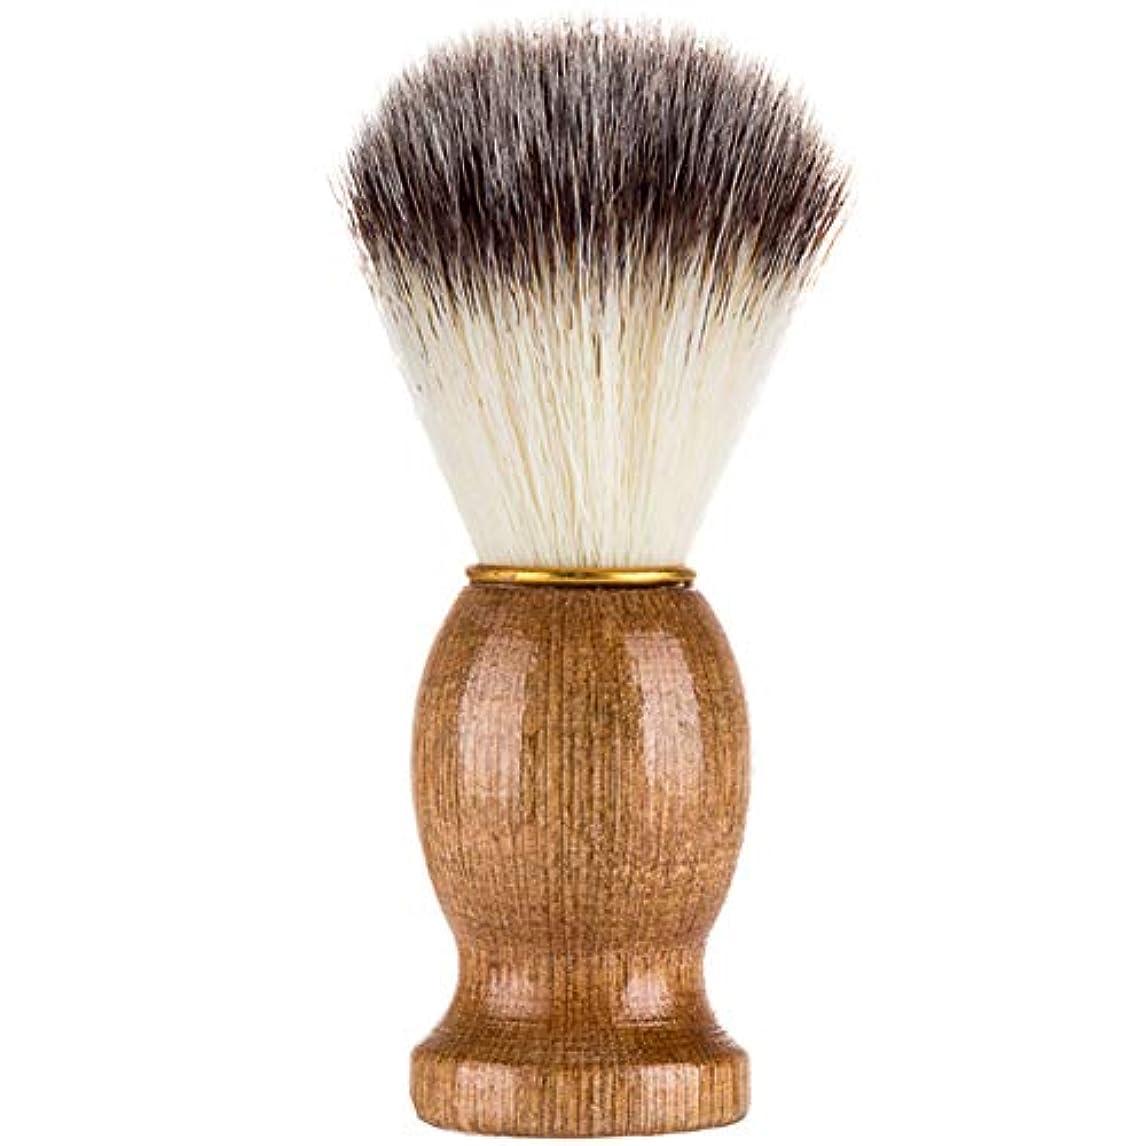 柱振るうヘアCoolTack シェービングブラシ、シェービングブラシ、男性シェービングブラシシェービングかみそりブラシサロン理髪店用ツールひげ剃り用品